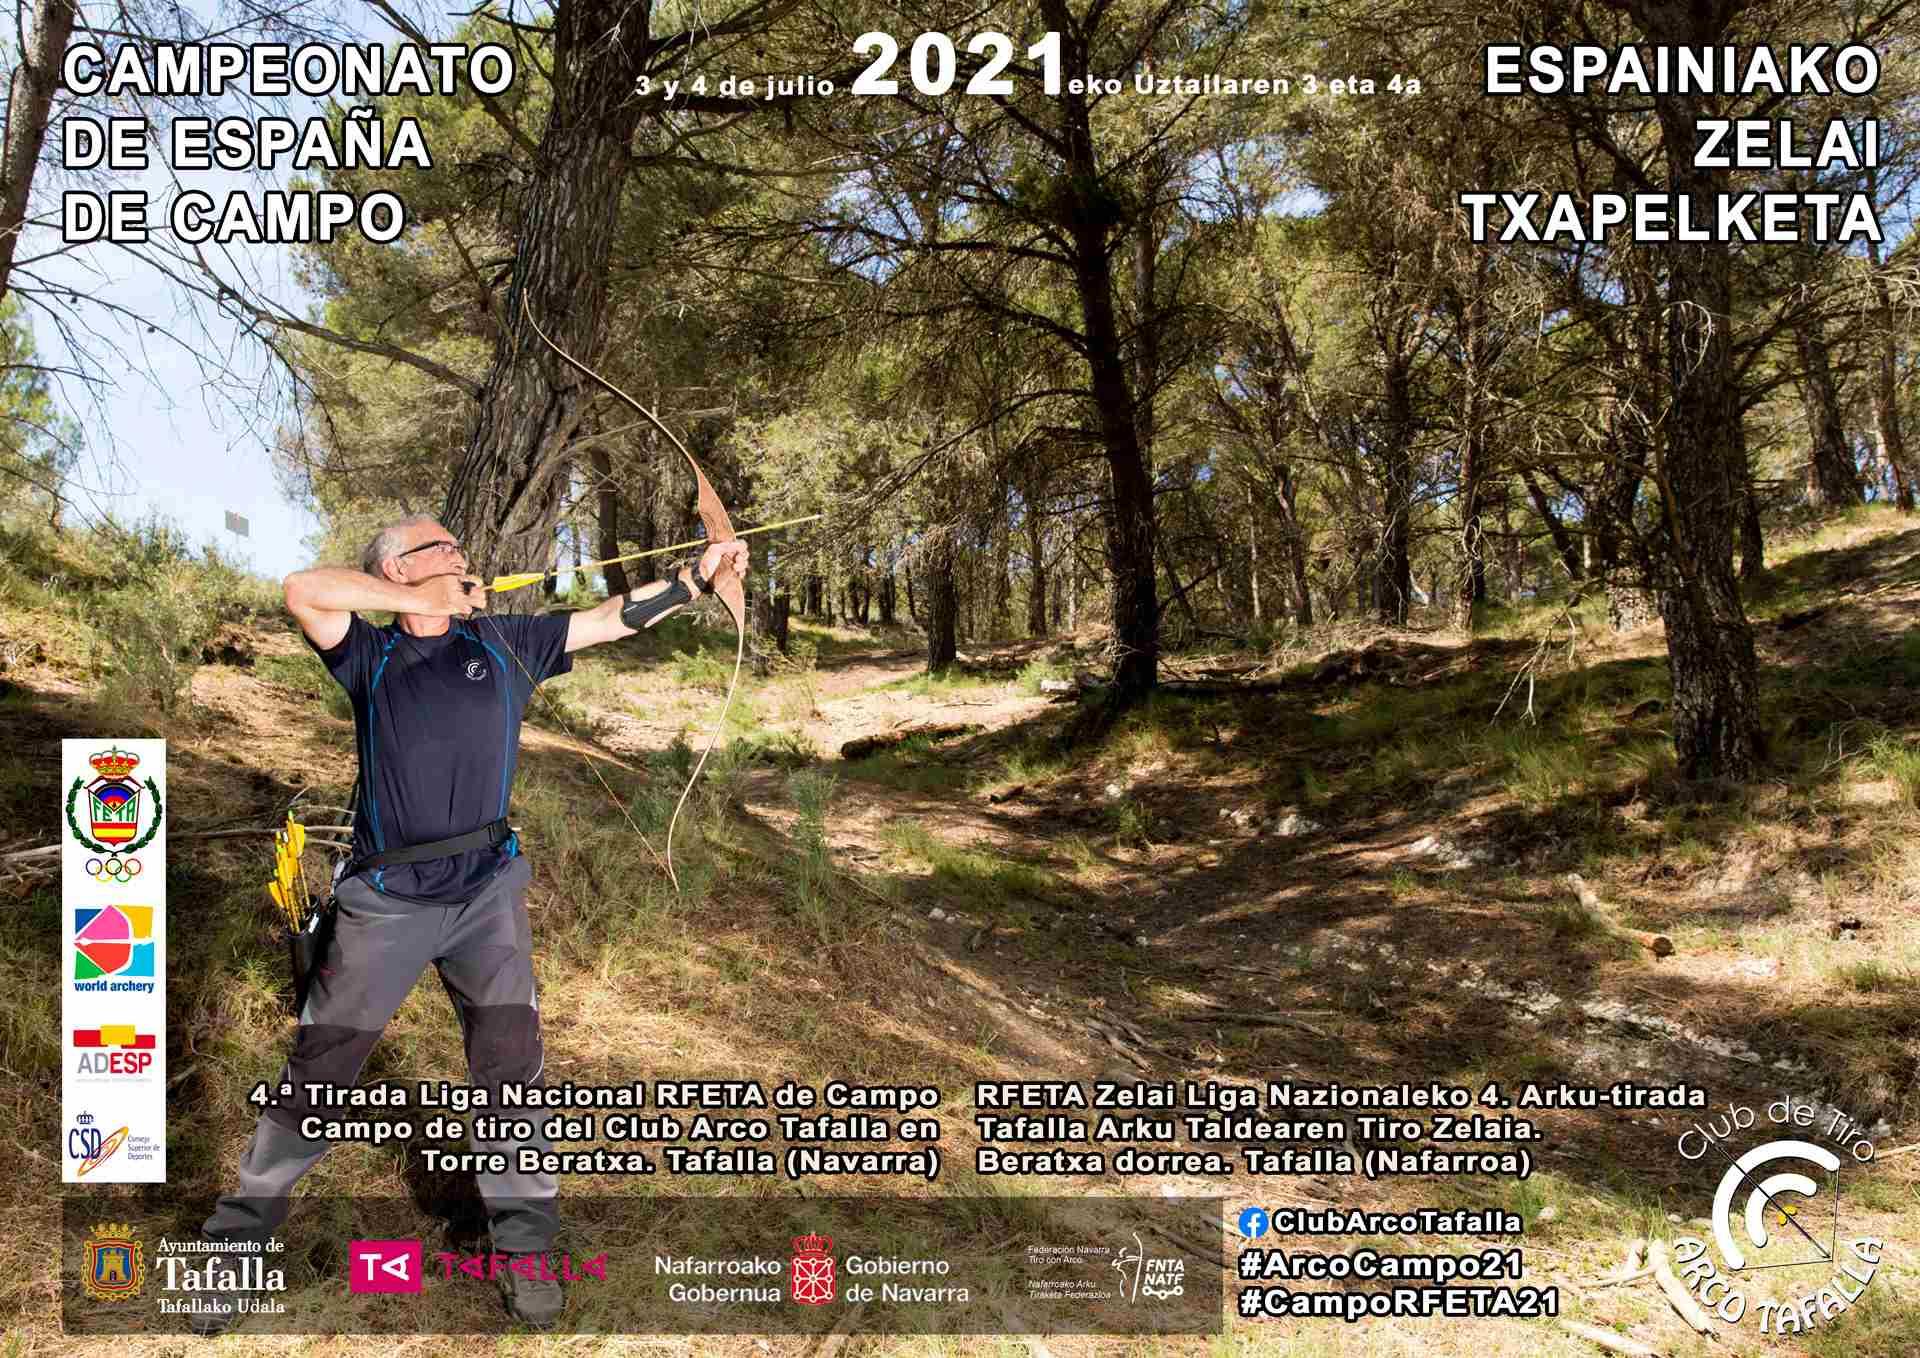 CAMPEONATO DE ESPAÑA / 4ª TIRADA LIGA NACIONAL RFETA DE CAMPO - TAFALLA  2021 - Inscríbete